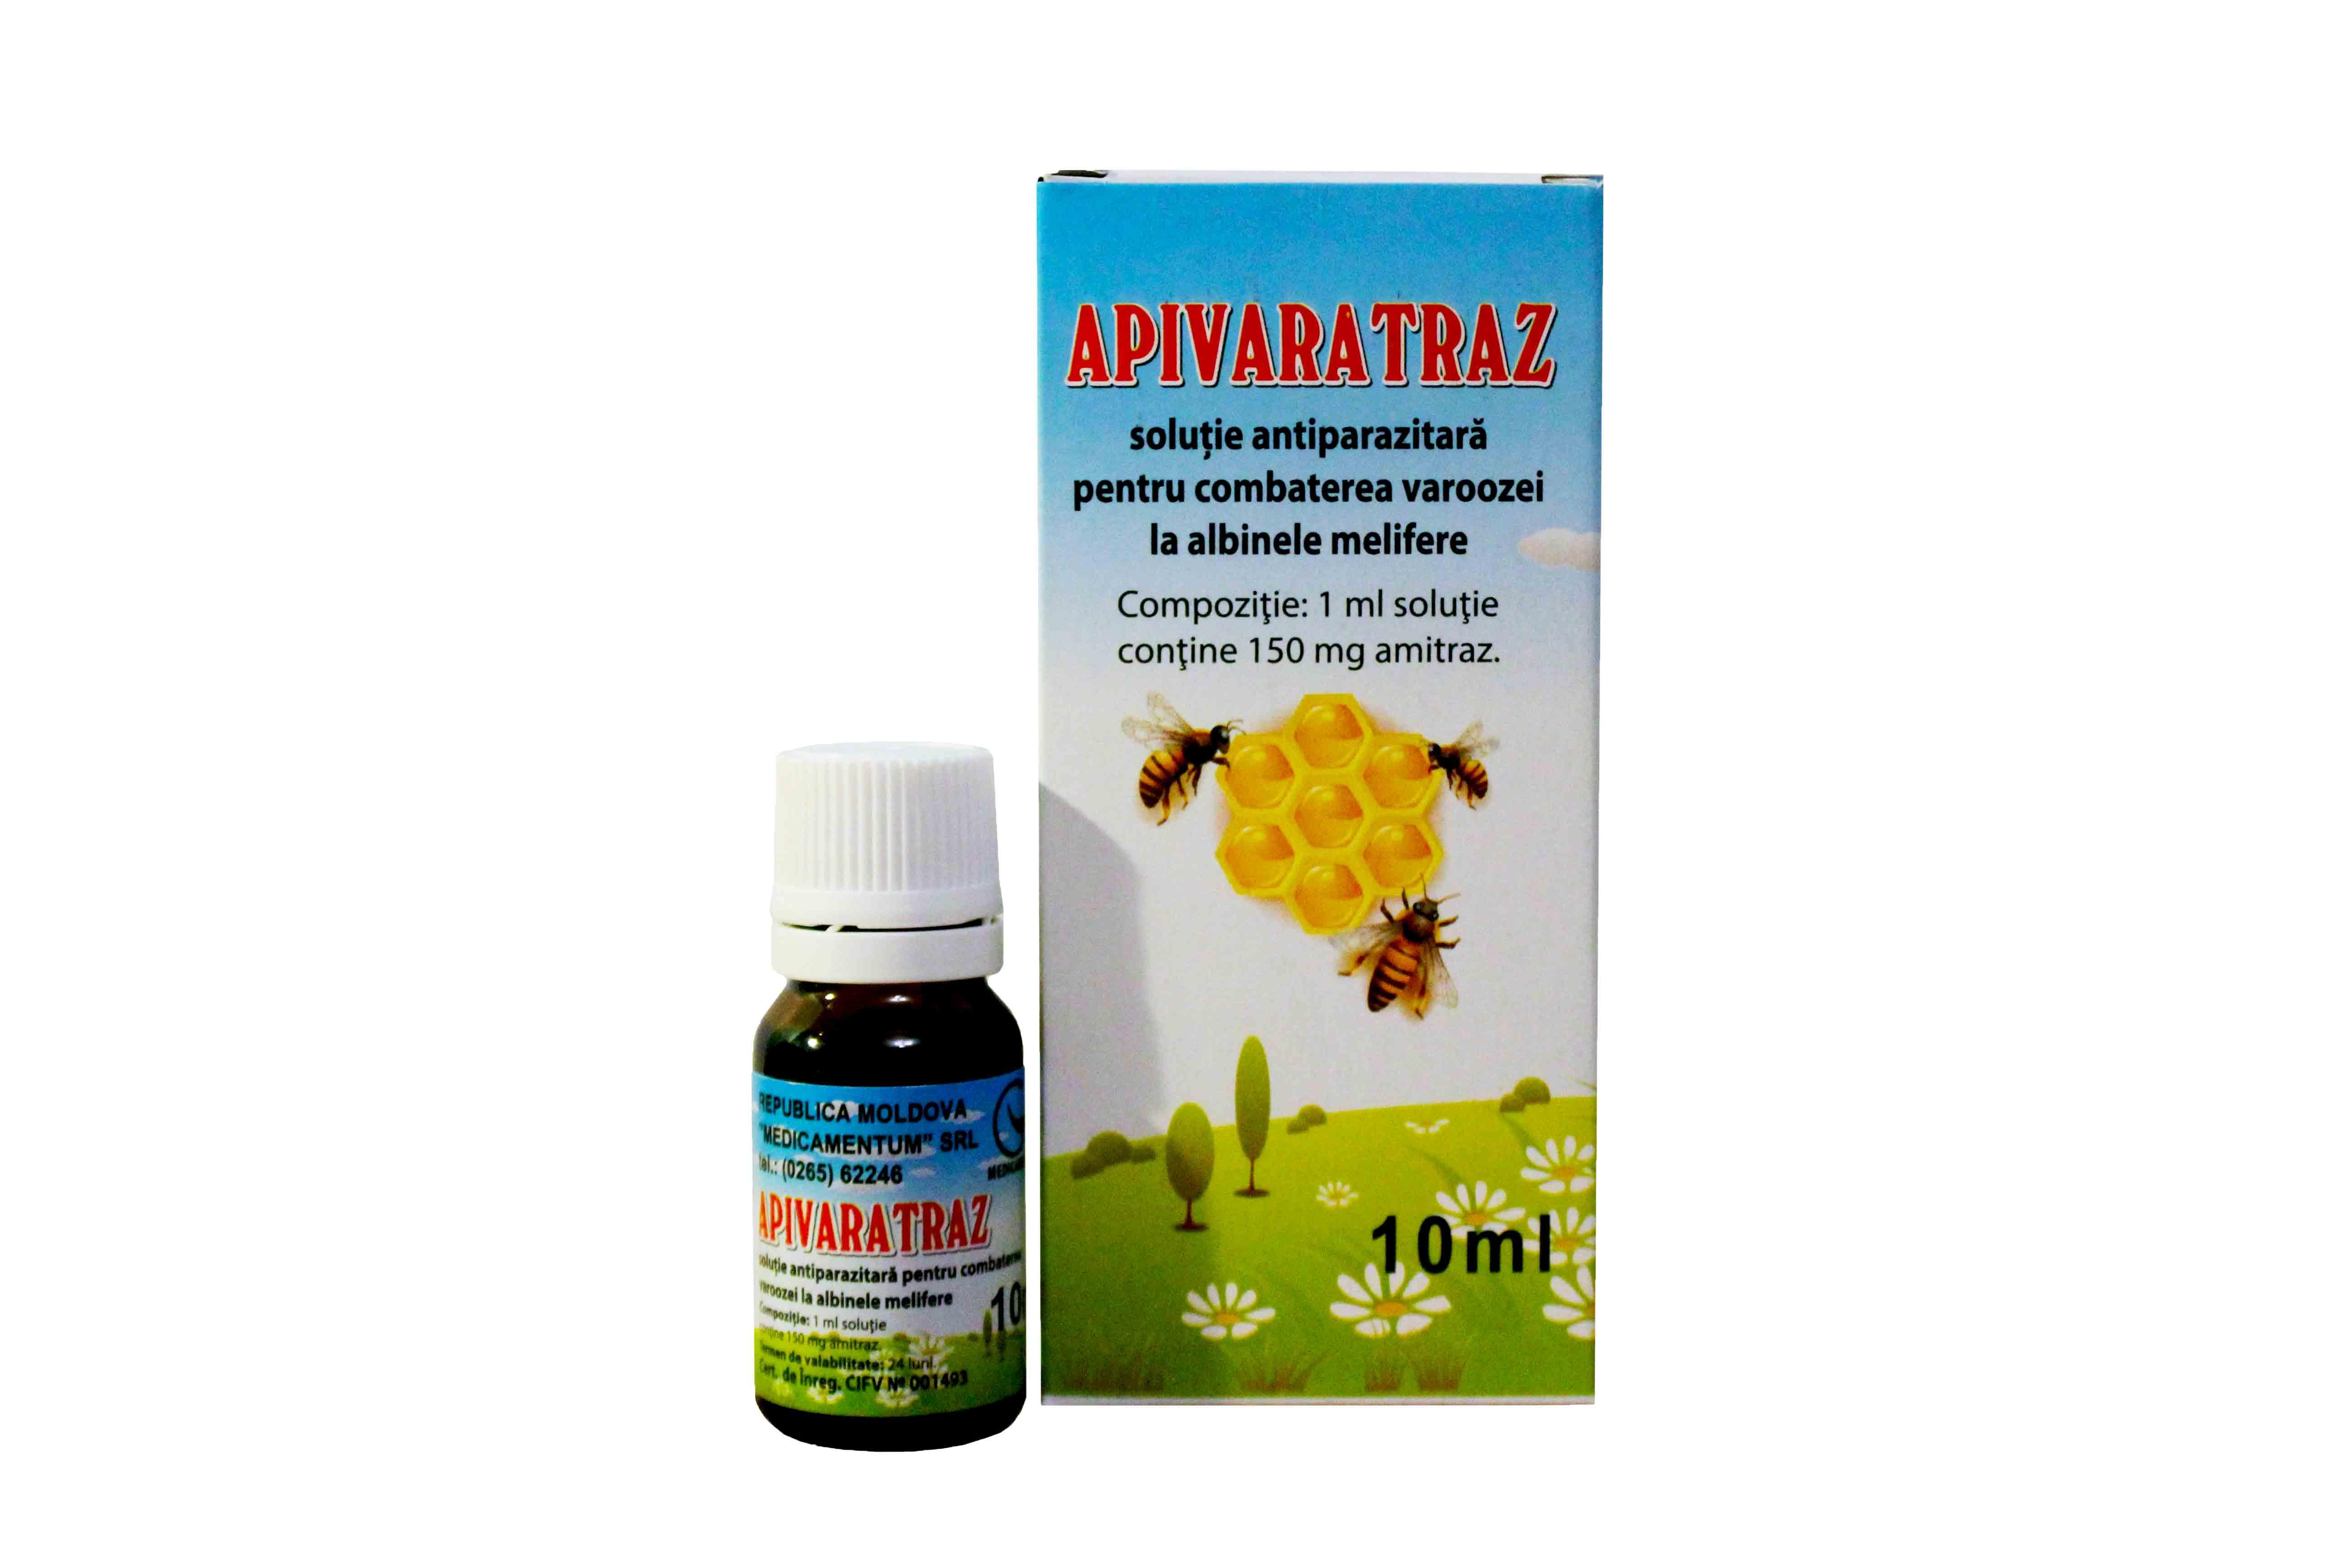 nume de medicamente antiparazitare squamous papilloma not hpv